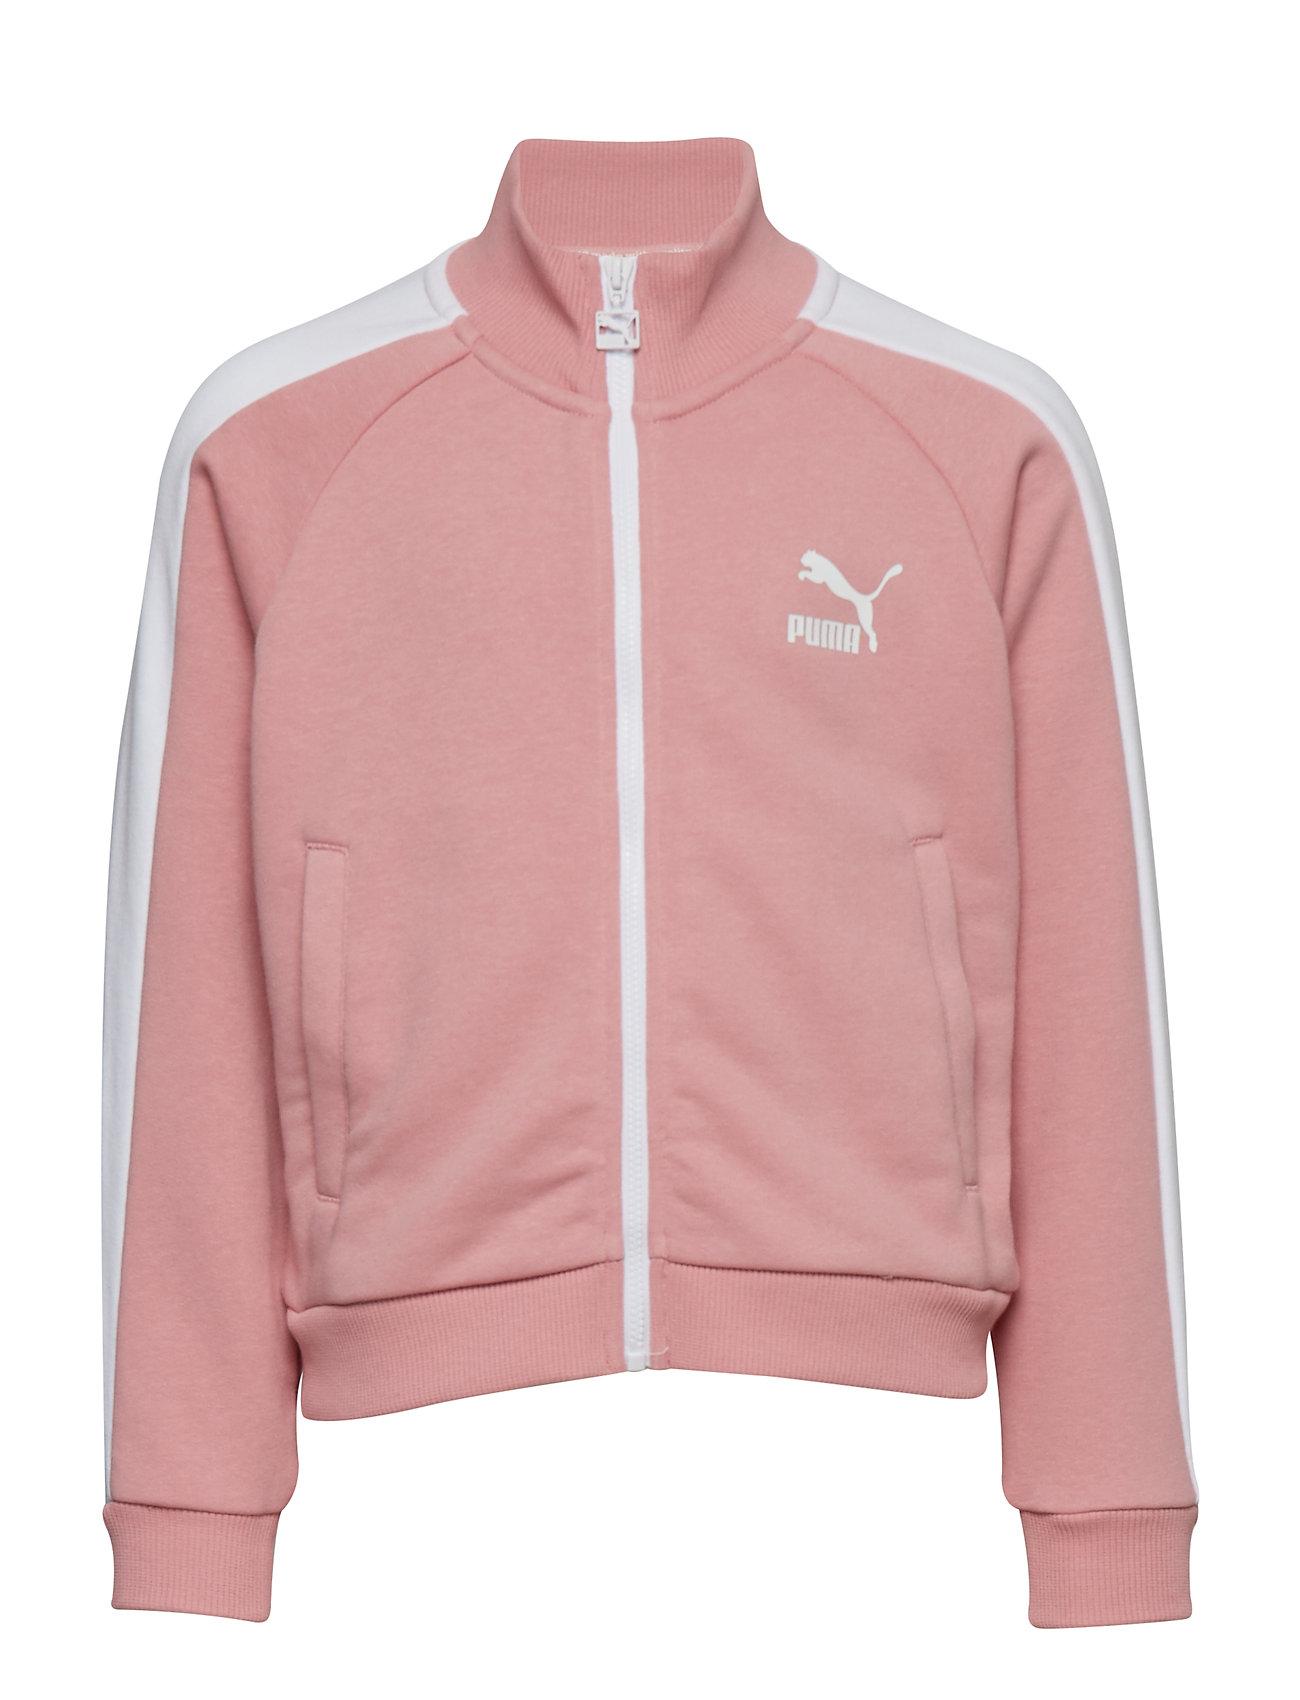 PUMA Classics T7 Jacket  TR G - BRIDAL ROSE